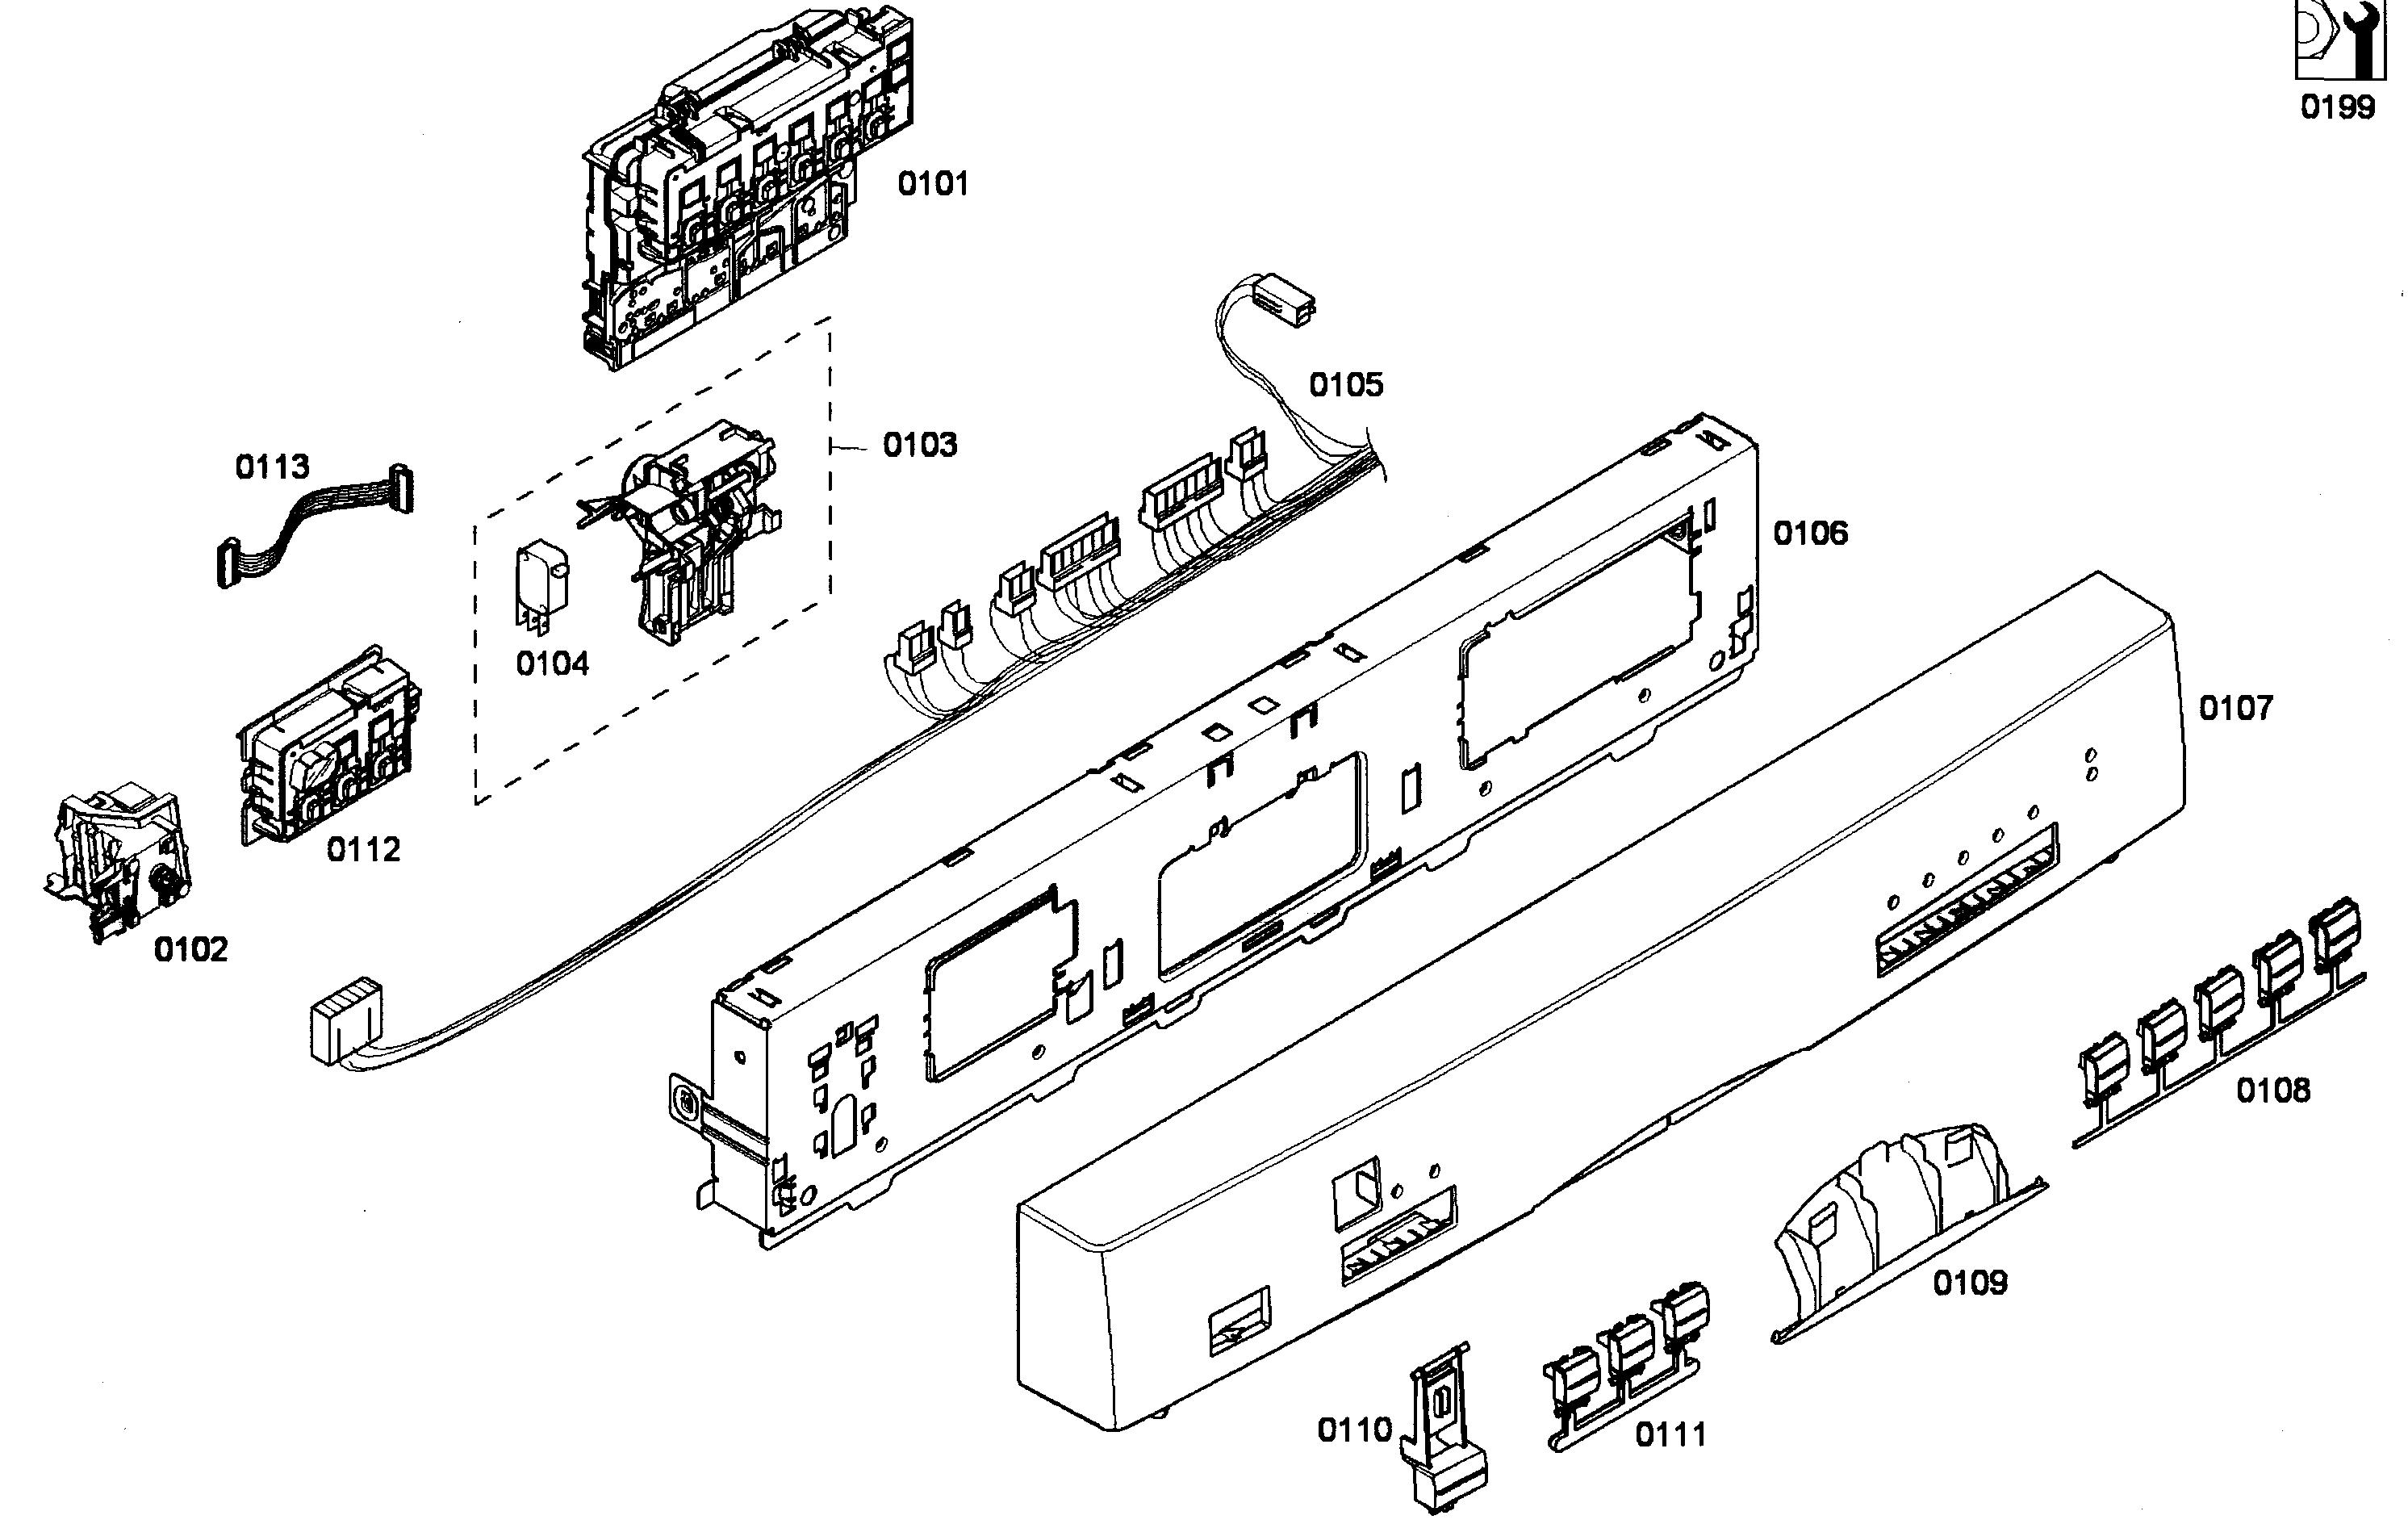 warn m10000 winch solenoid wiring diagram